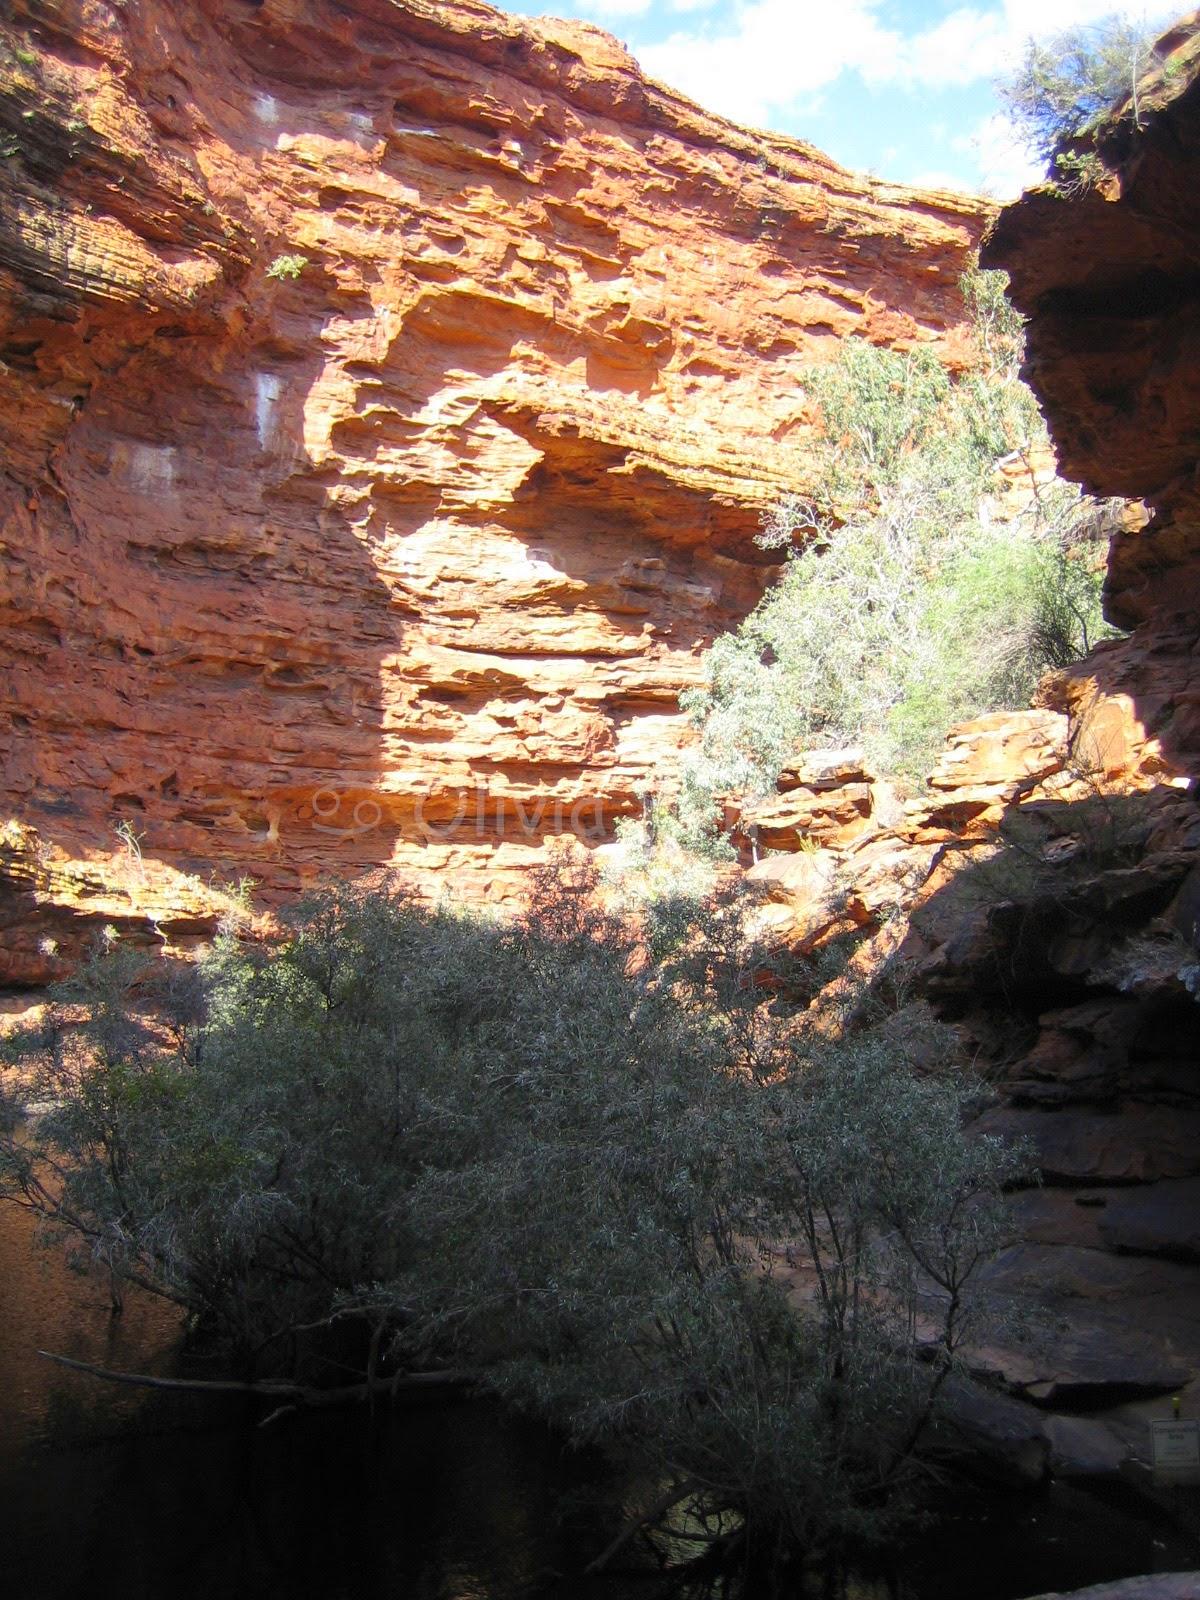 Garden of Eden, Kings Canyon, Australie